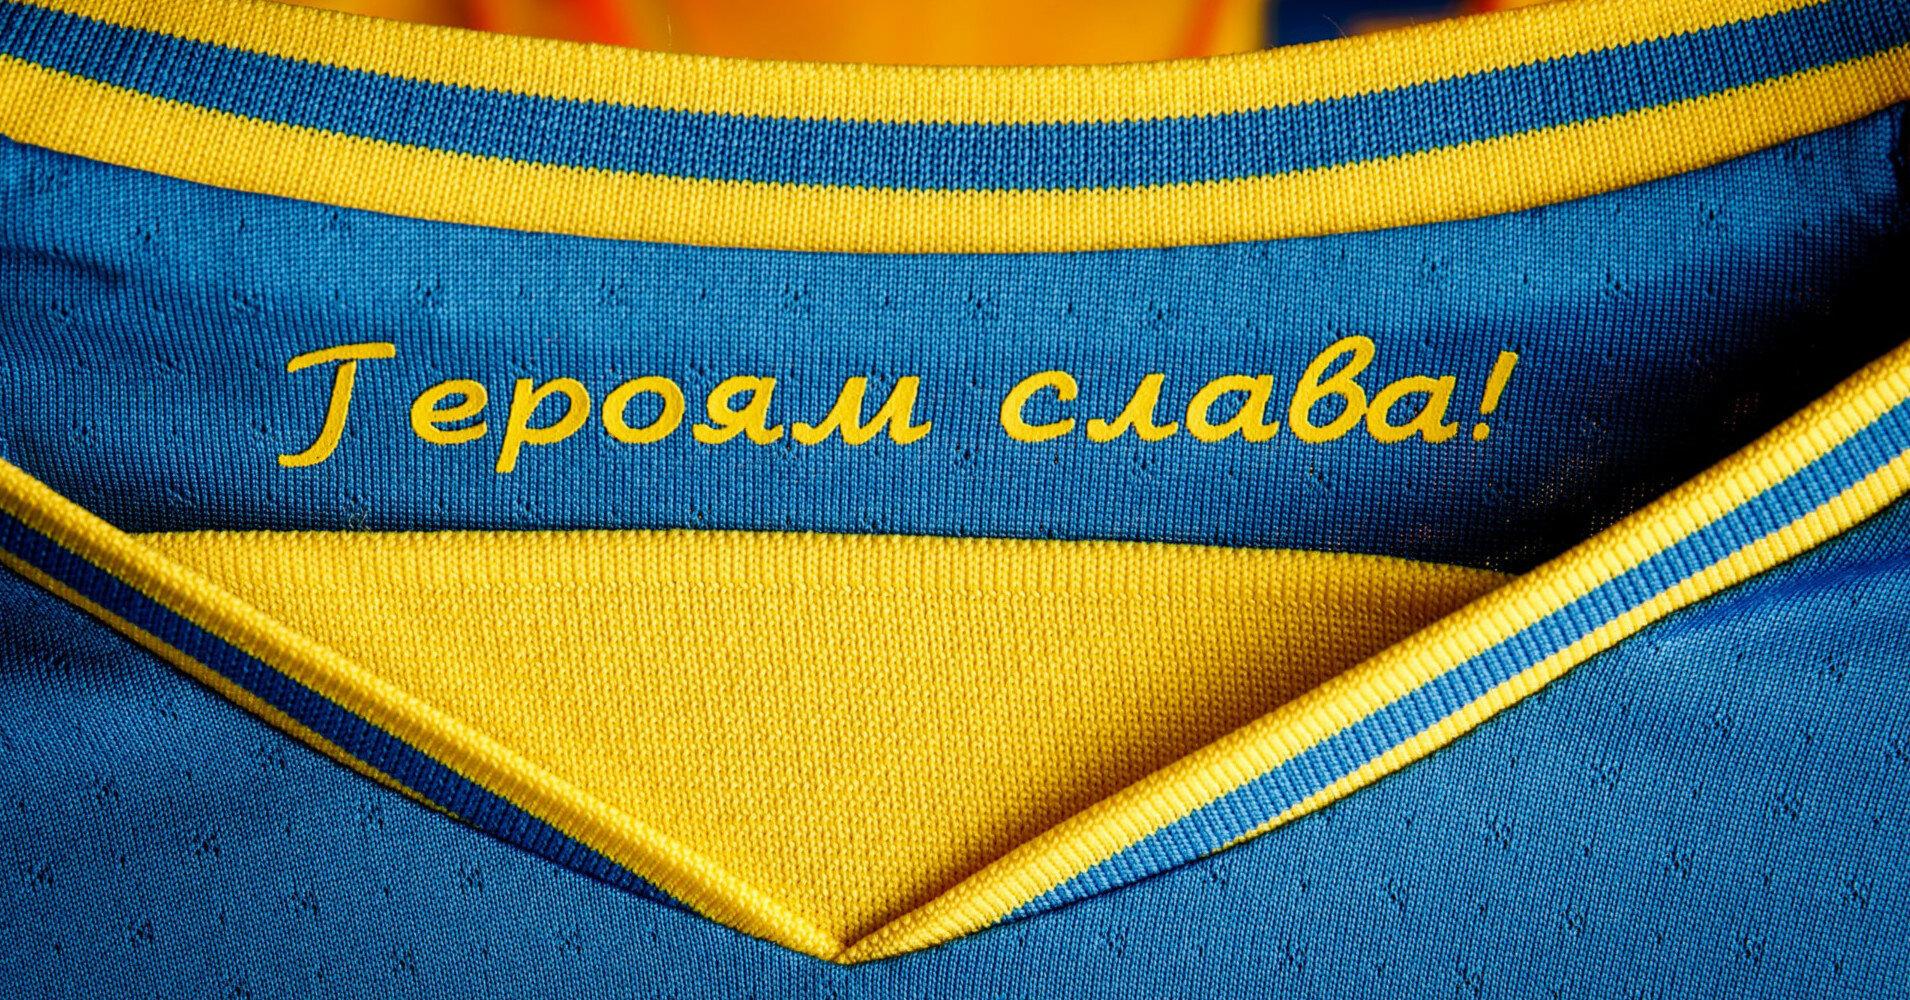 Збірна України гратиме на Євро в формі з гаслом